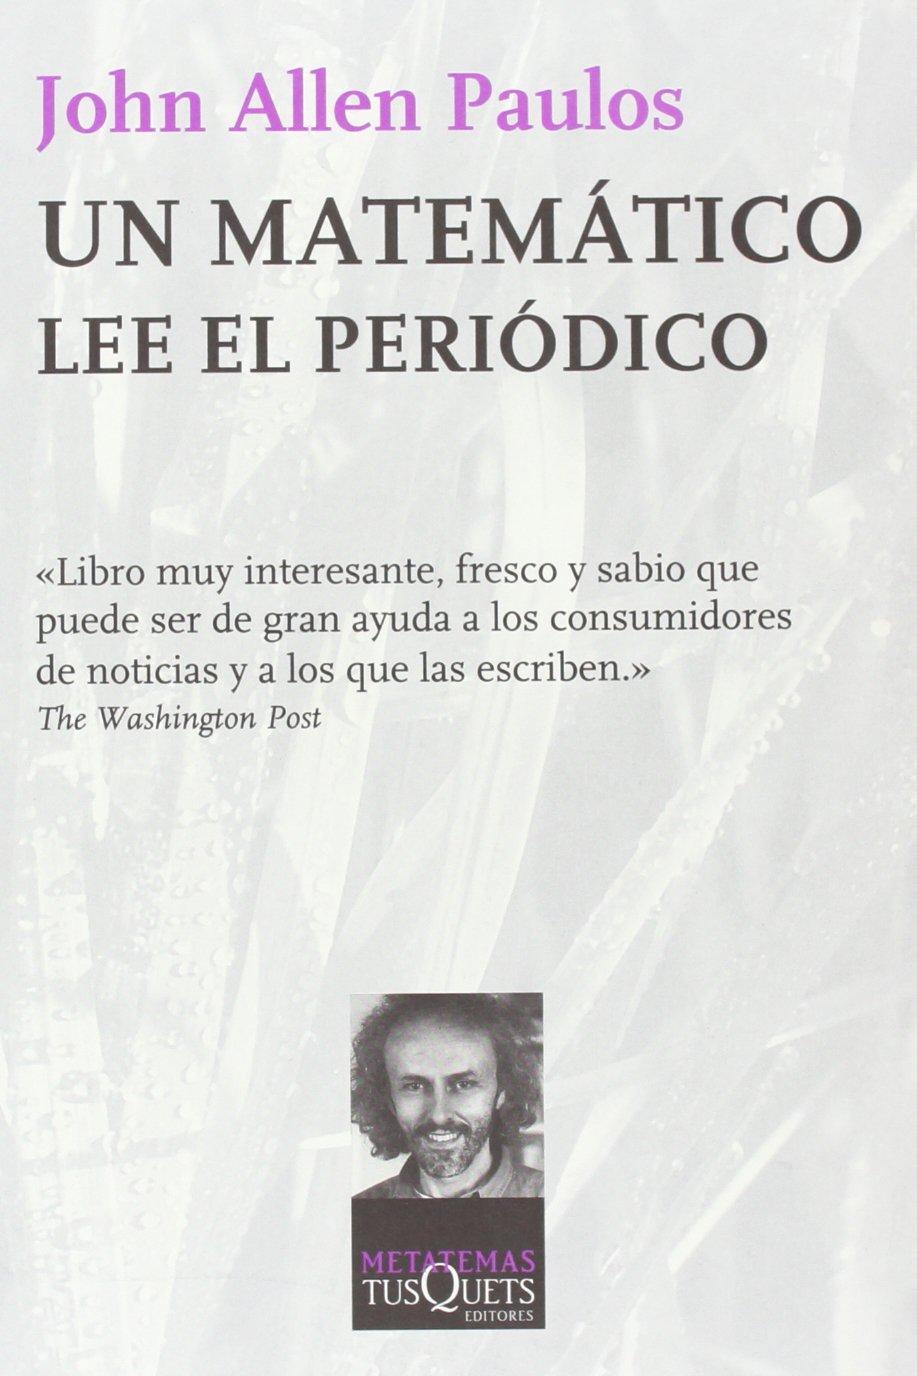 Libro, un matemático lee el periódico, de John A. Paulos